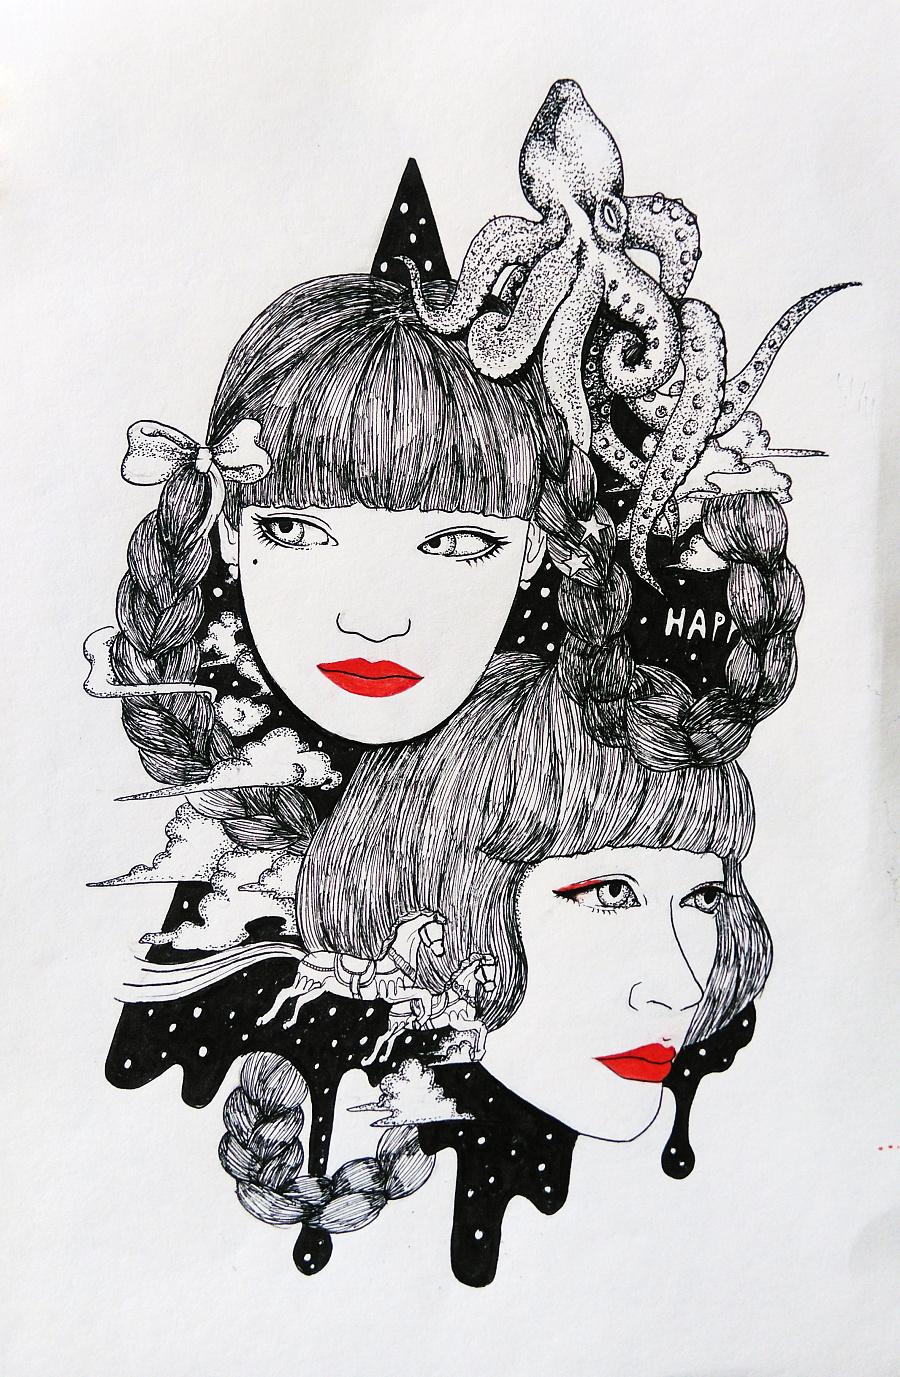 一些黑白手绘-1|绘画习作|插